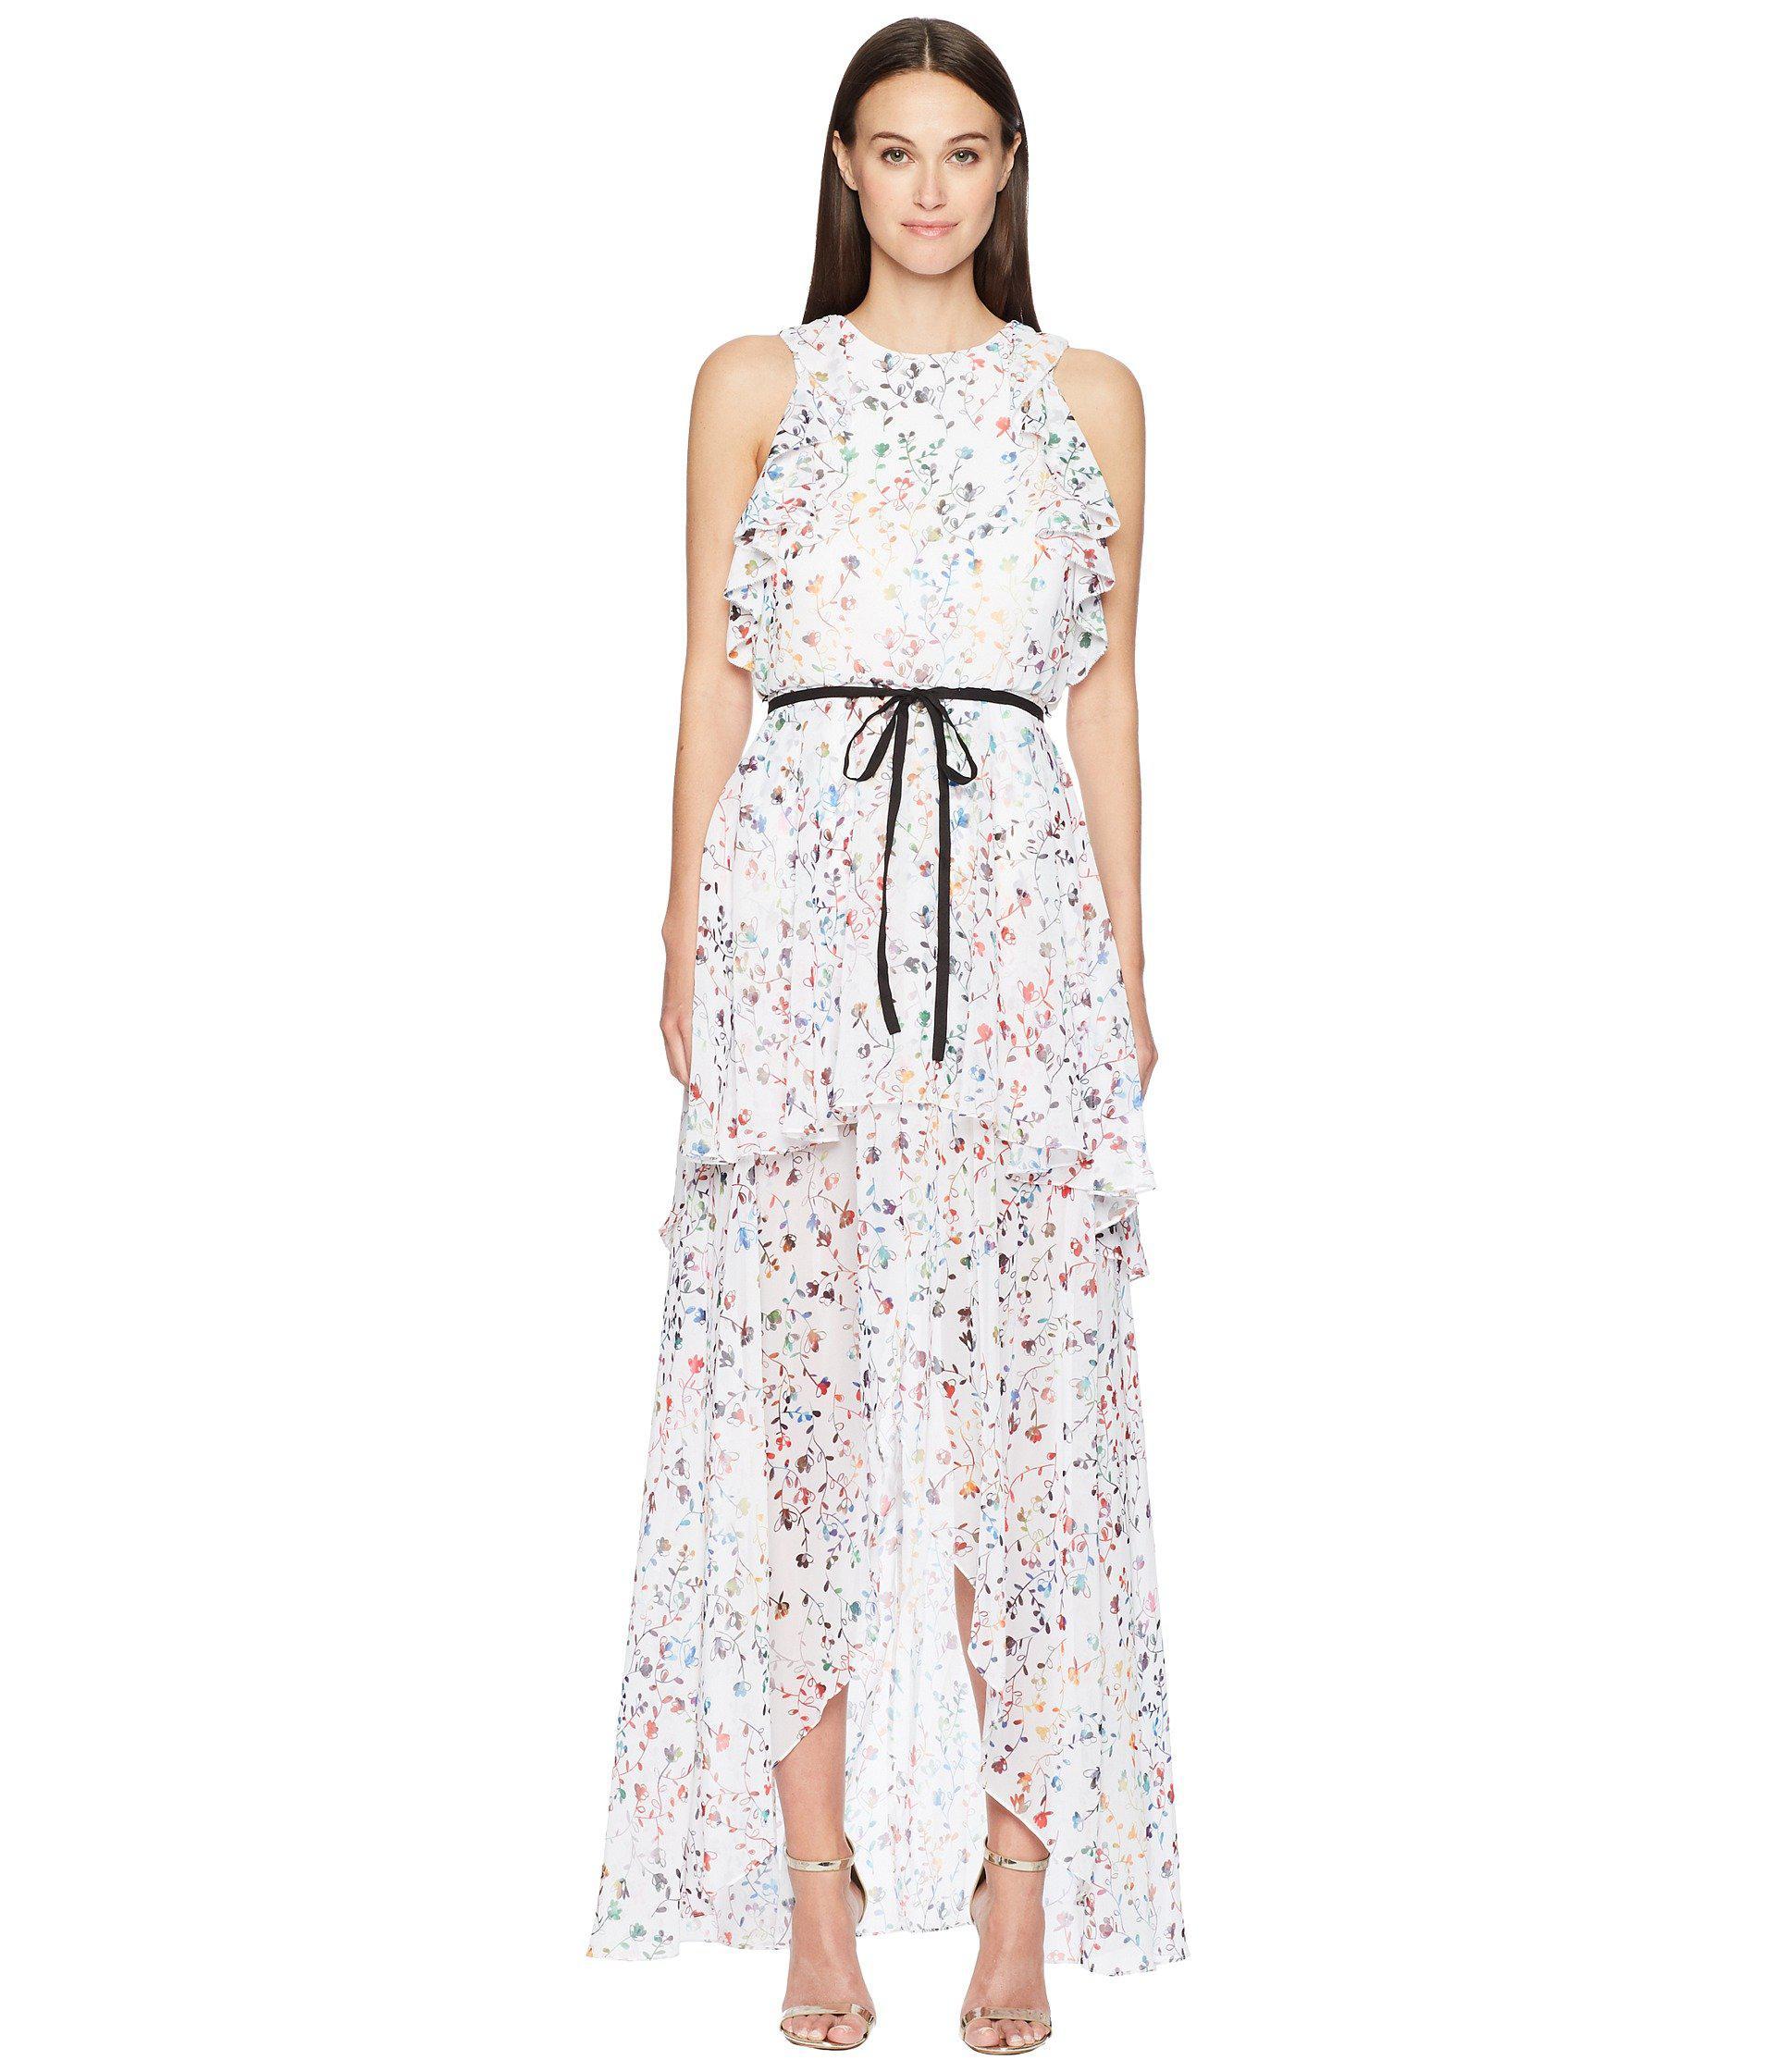 Lyst - ML Monique Lhuillier Sleeveless Tie Waist Garden High-low ... 361a49e5f